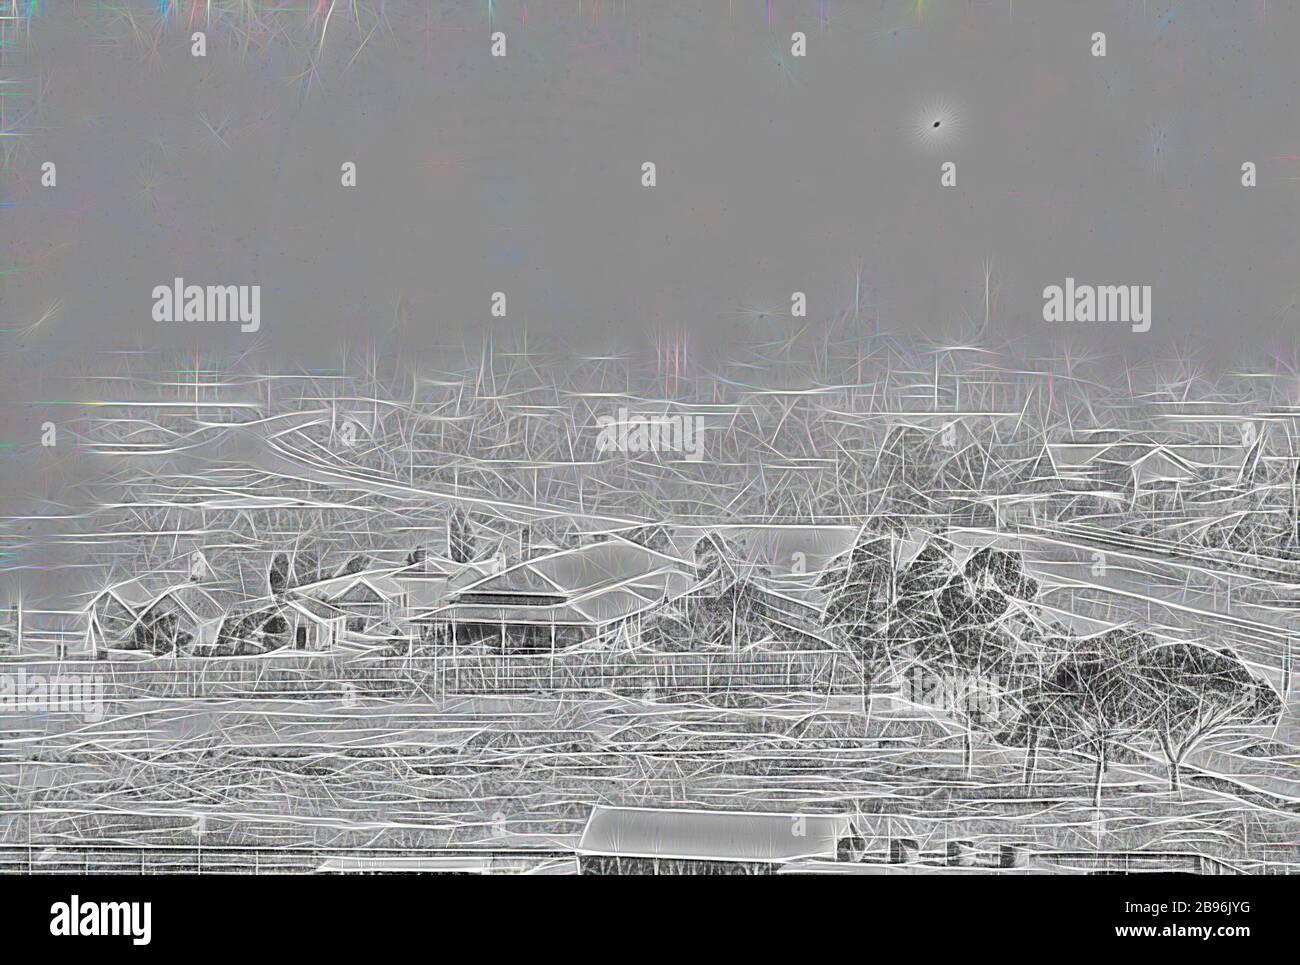 Negativ - Melbourne, Victoria, ca. 1885, Melbourne aus St Kilda Rd., von Gibon neu vorgestellt, Design von warmem, fröhlichem Leuchten von Helligkeit und Lichtstrahlen. Klassische Kunst mit moderner Note neu erfunden. Fotografie, inspiriert vom Futurismus, die dynamische Energie moderner Technologie, Bewegung, Geschwindigkeit und Kultur revolutionieren. Stockfoto